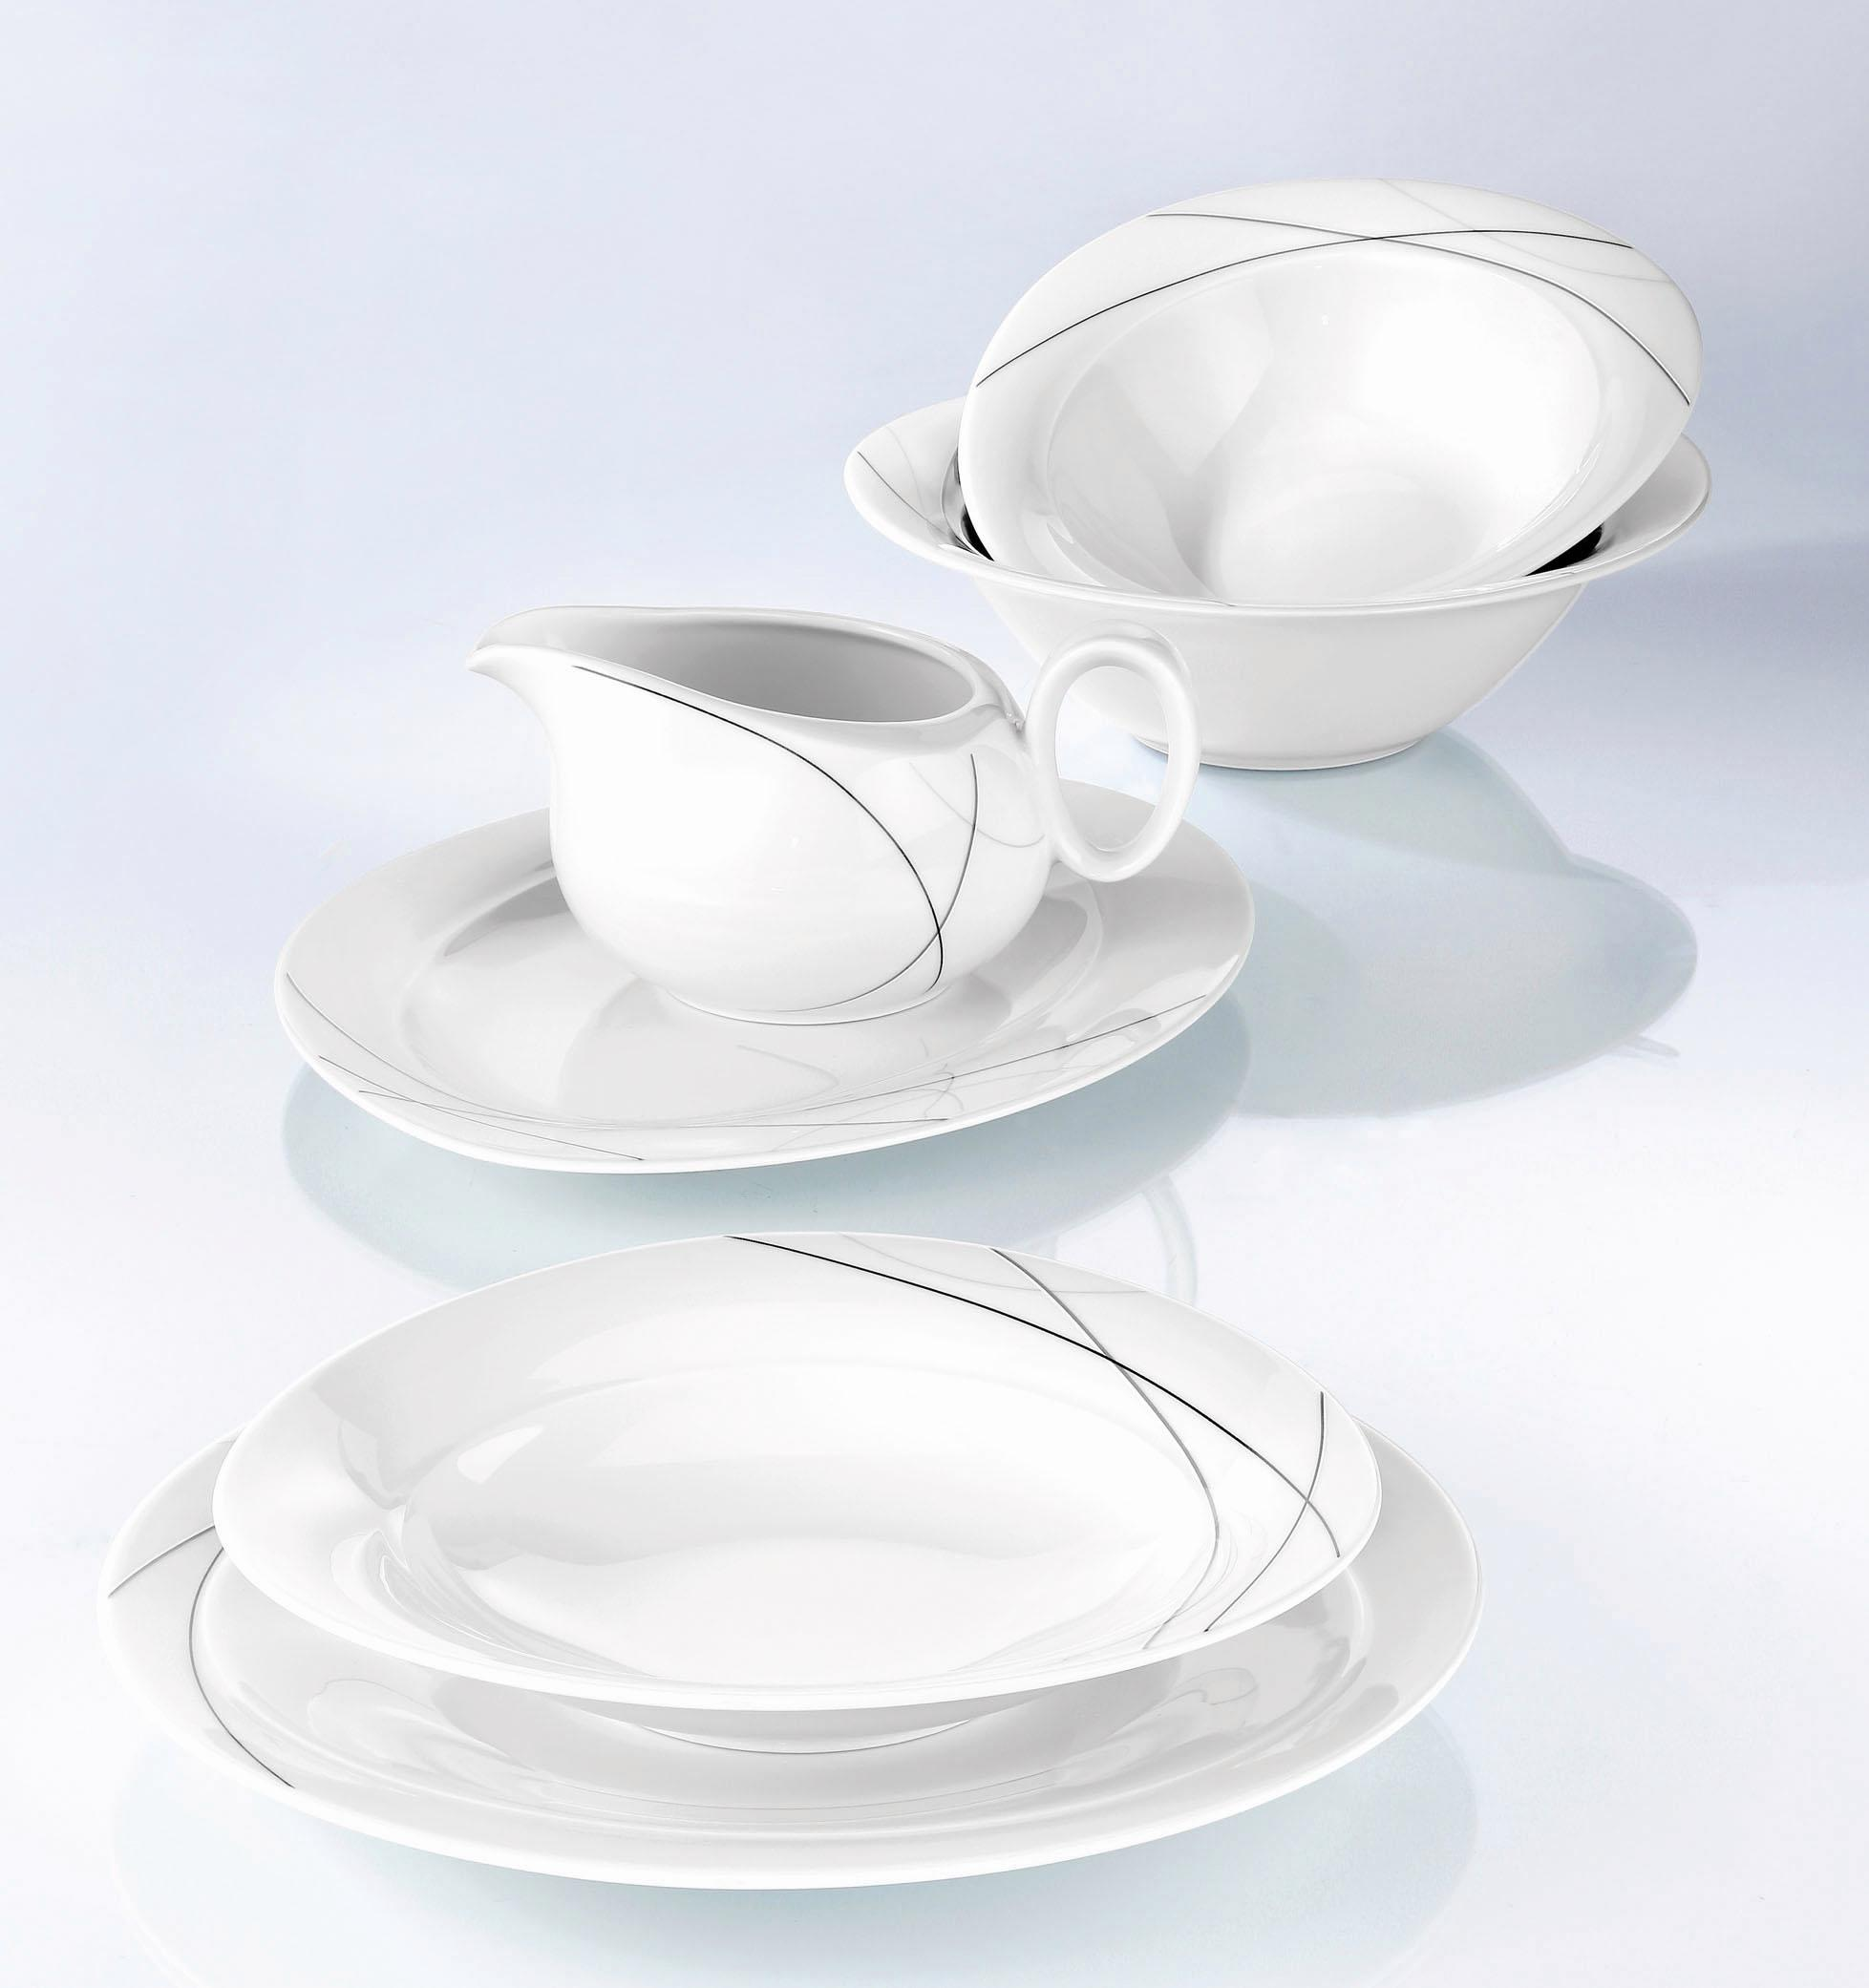 seltmann weiden tafelservice trio highline 16 tlg. Black Bedroom Furniture Sets. Home Design Ideas